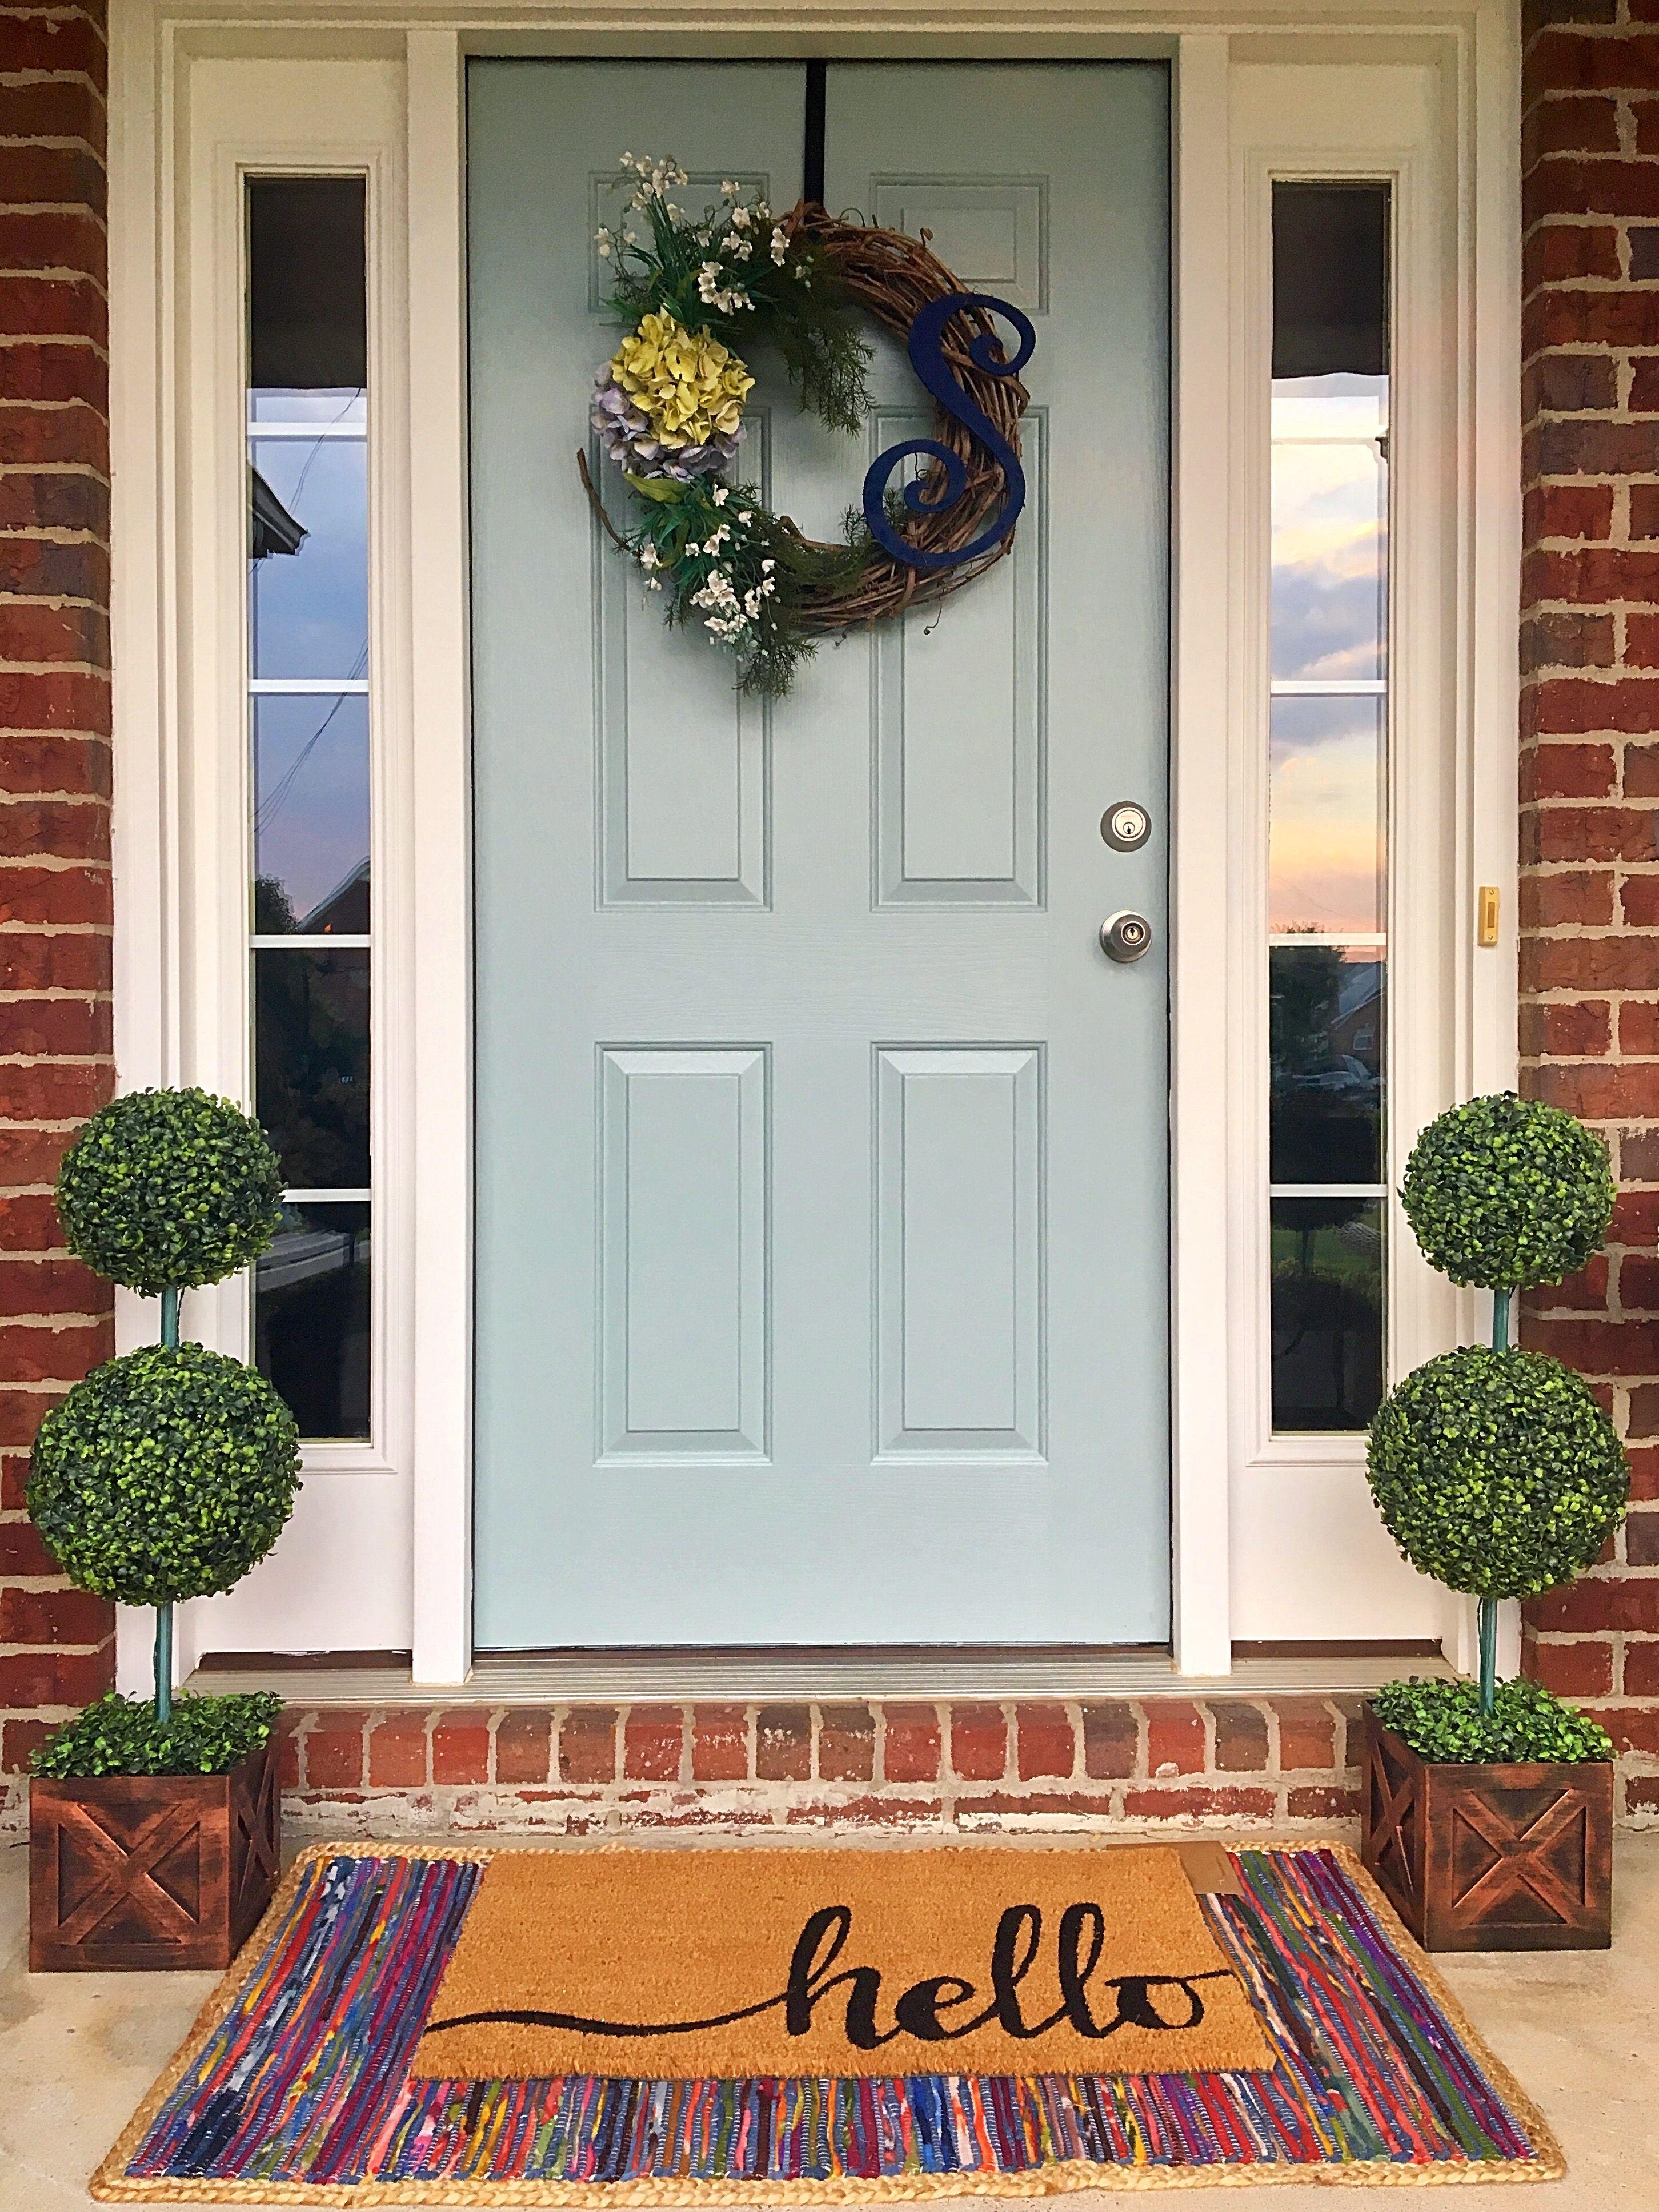 Blue Front Door Hello Mat With Rug Front Door Color Wedgewood Gray By Benjamin Moore Best Front Door Colors Best Front Doors Front Door Paint Colors